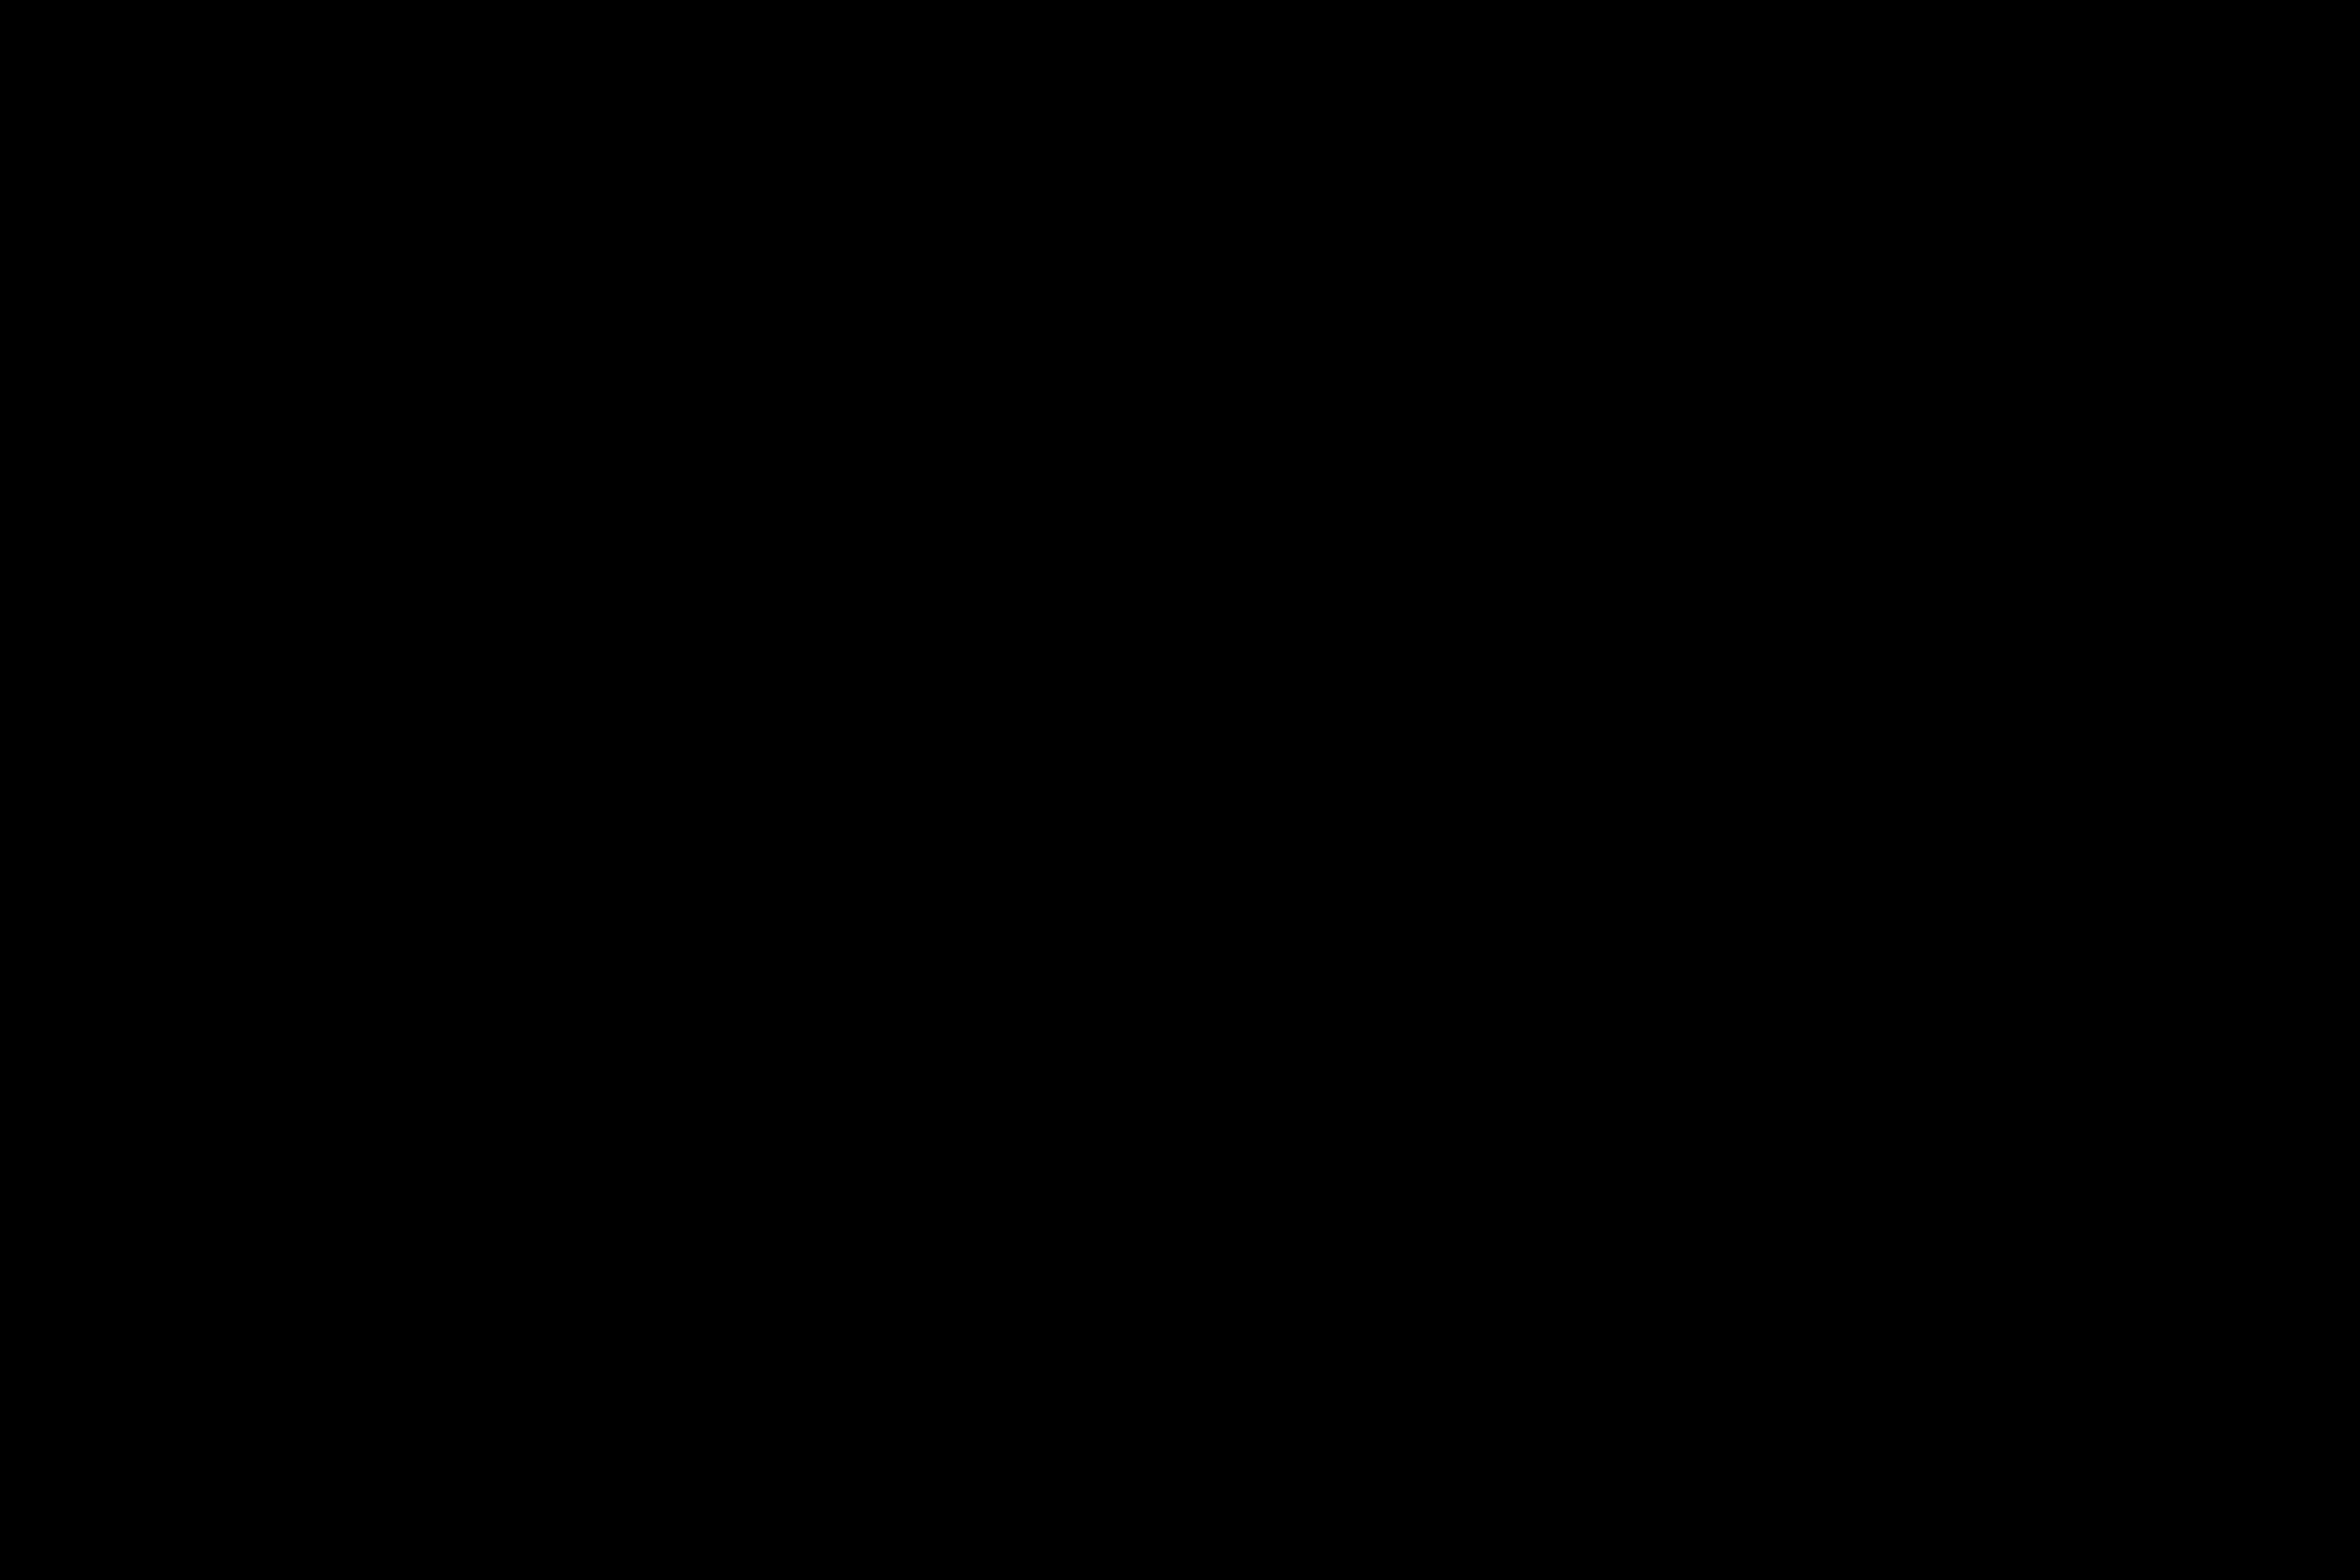 L1 Site Plan